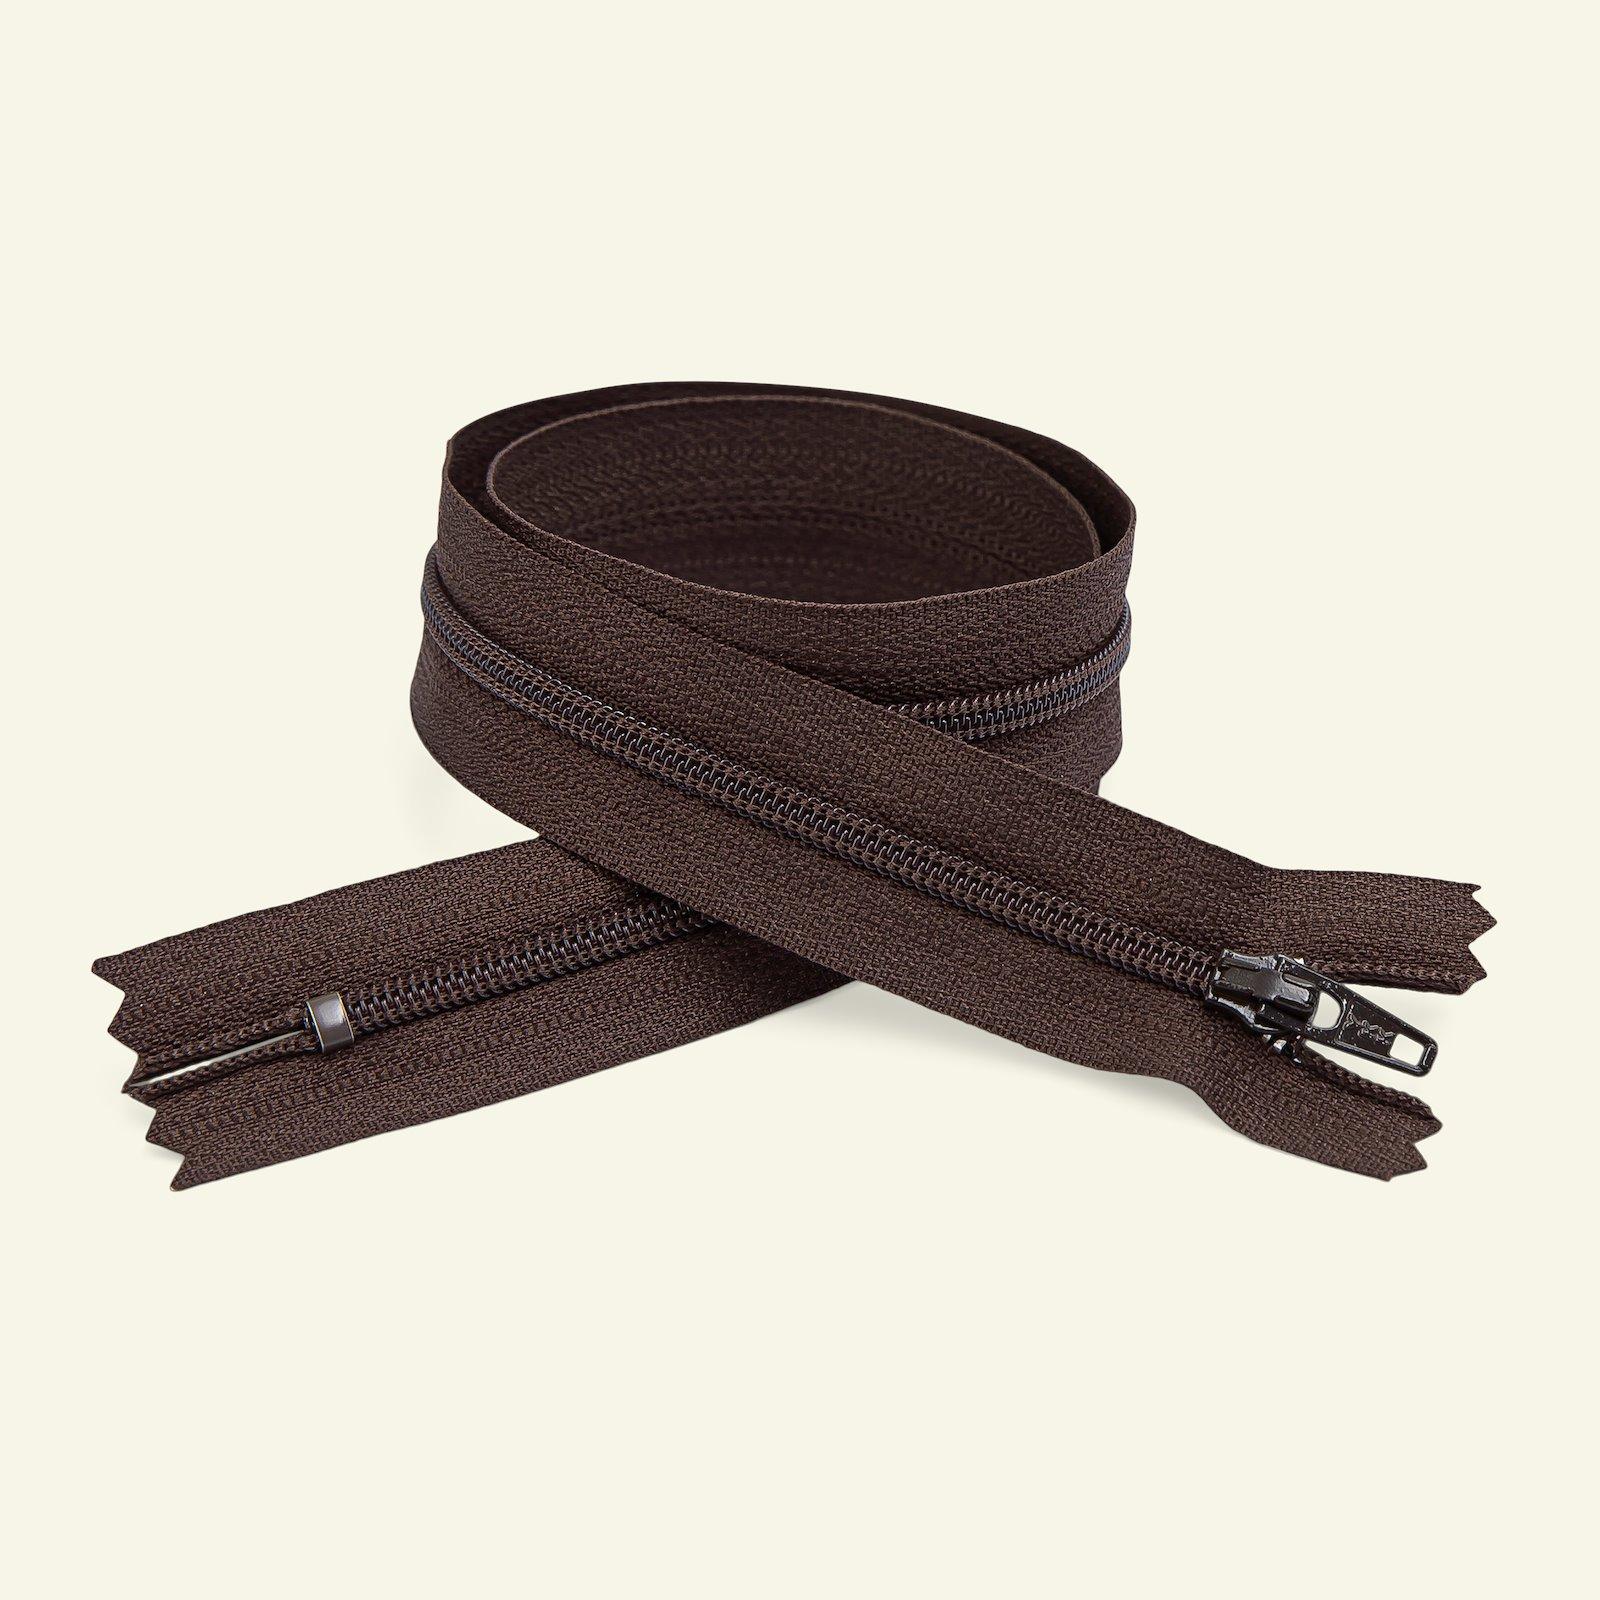 YKK zip 4mm closed end 18cm brown x40537_pack